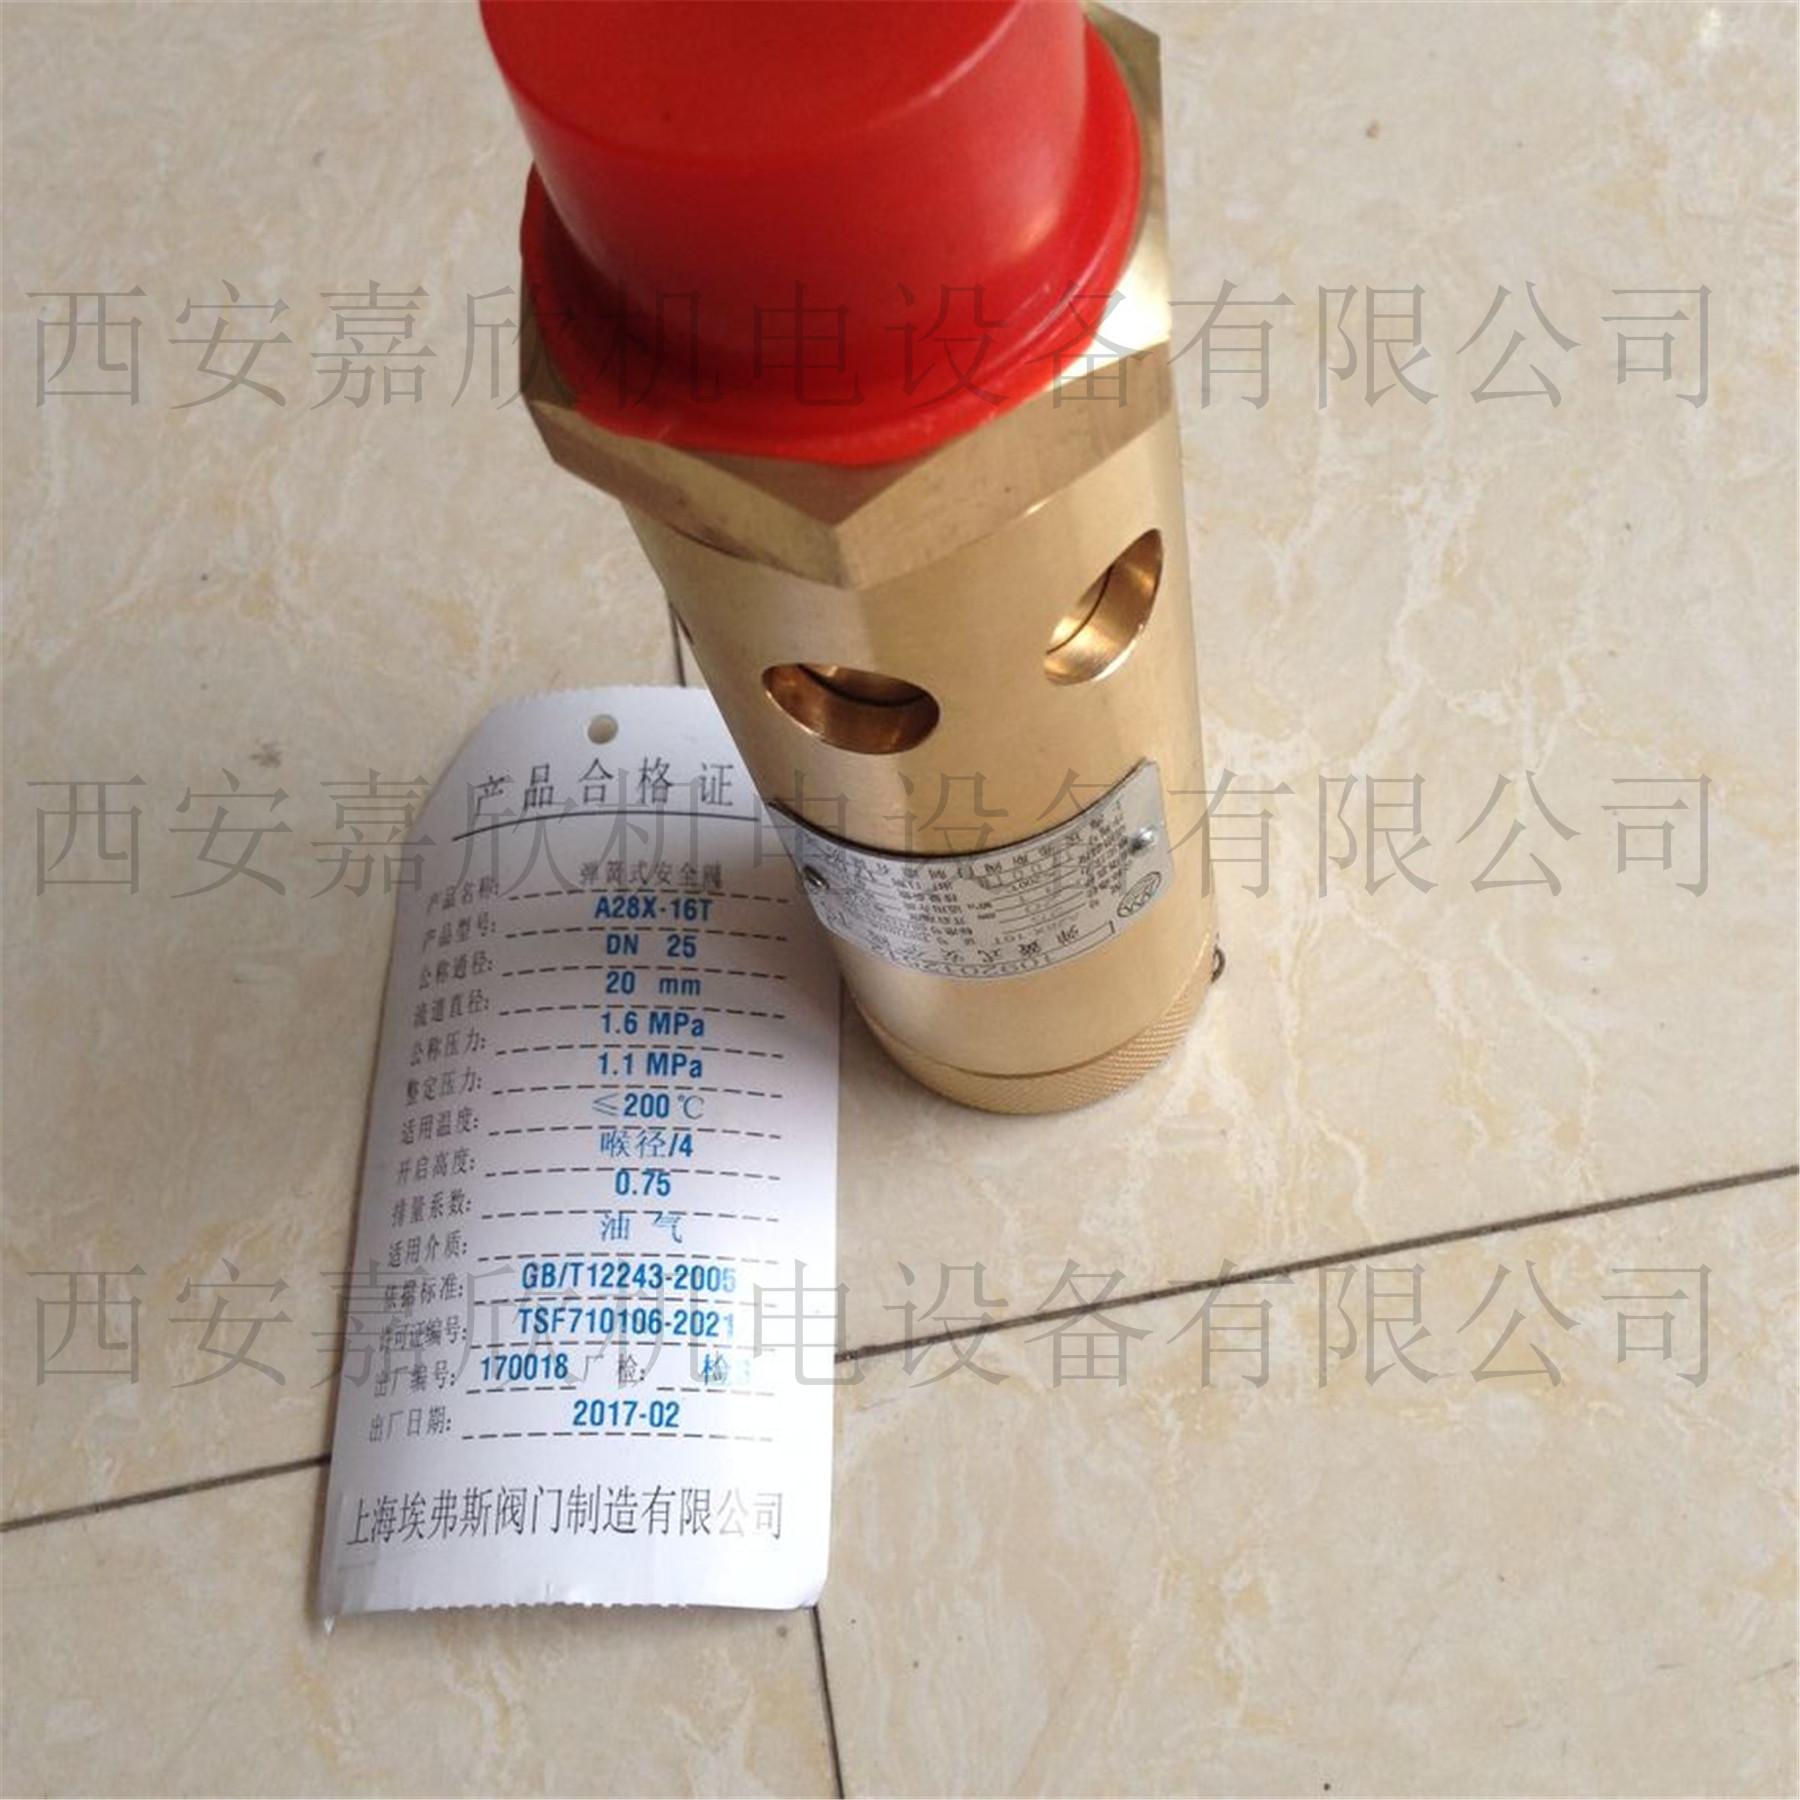 1092012512 compressore compressore di Valvola di sicurezza di una Valvola di sicurezza,